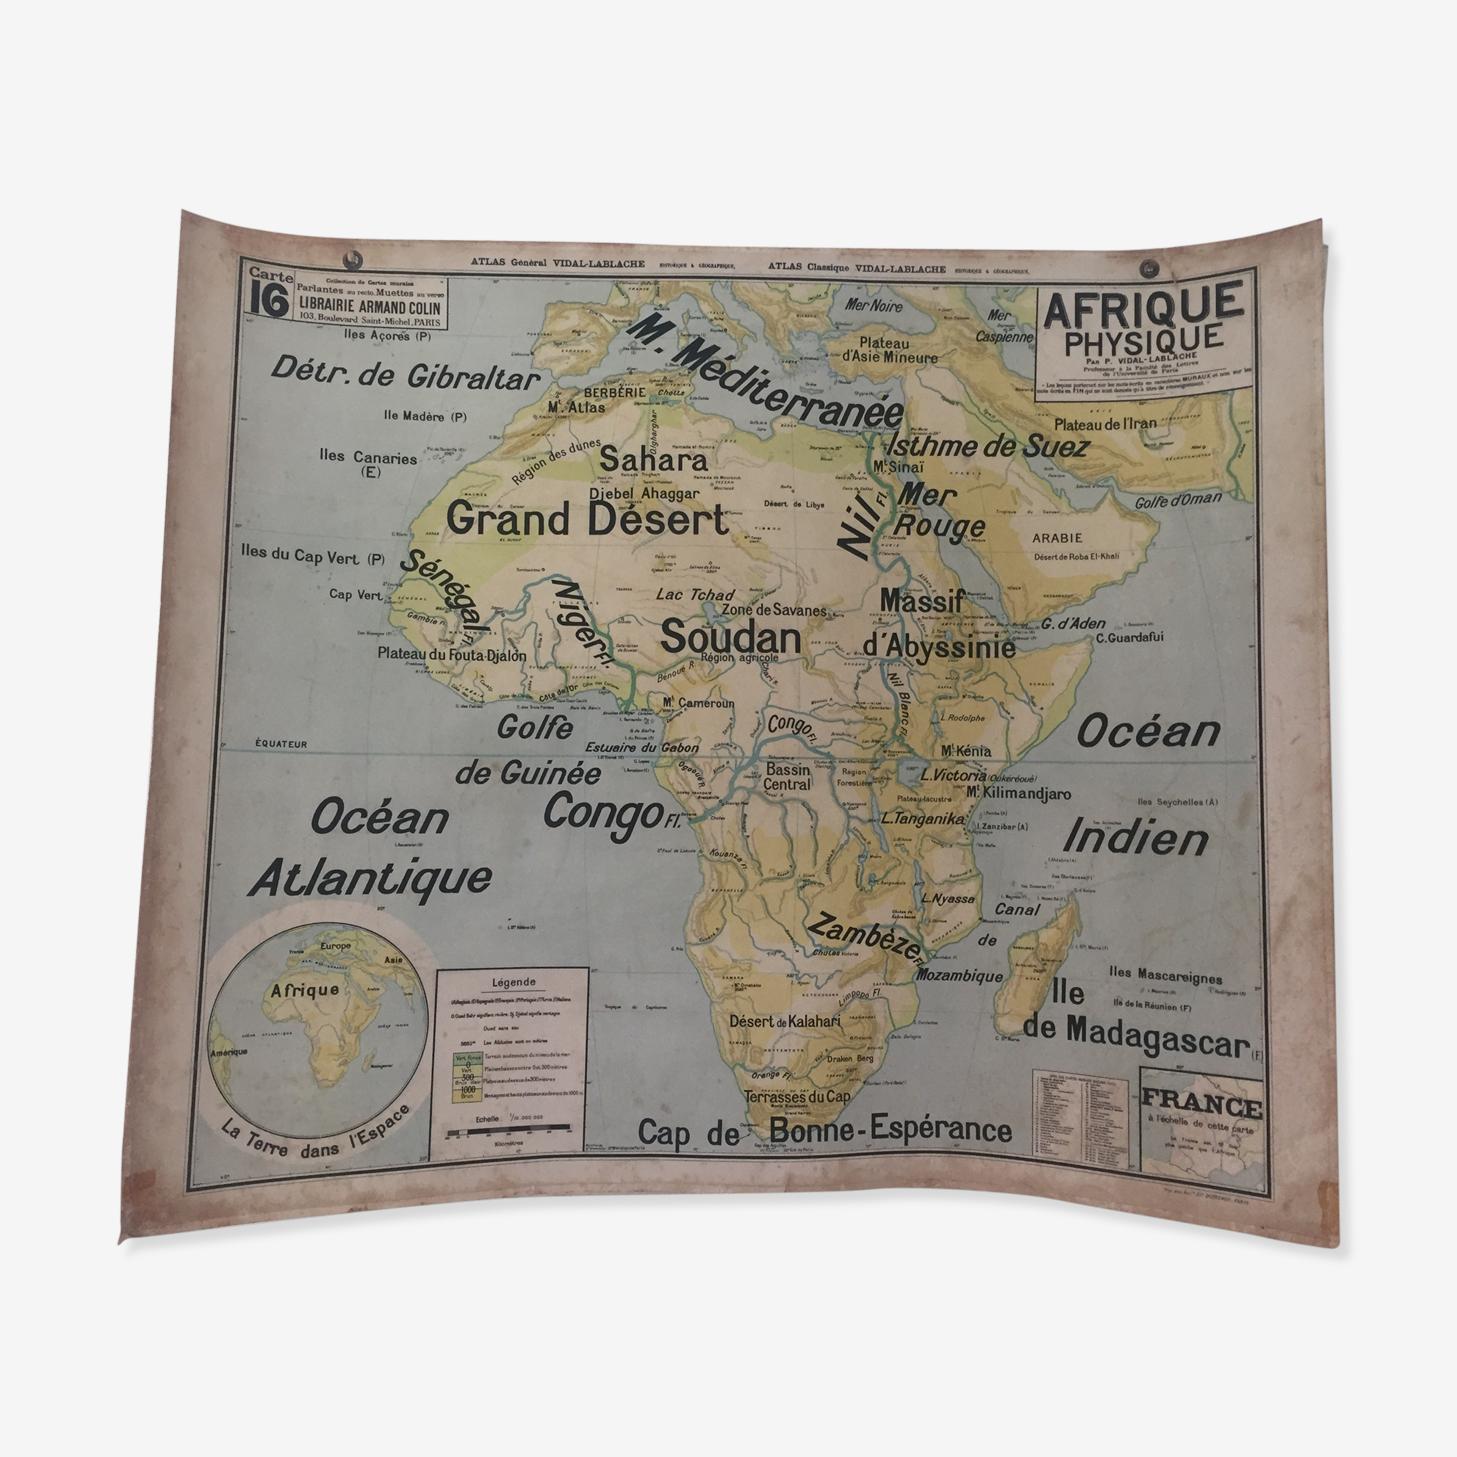 Carte géographique Afrique physique